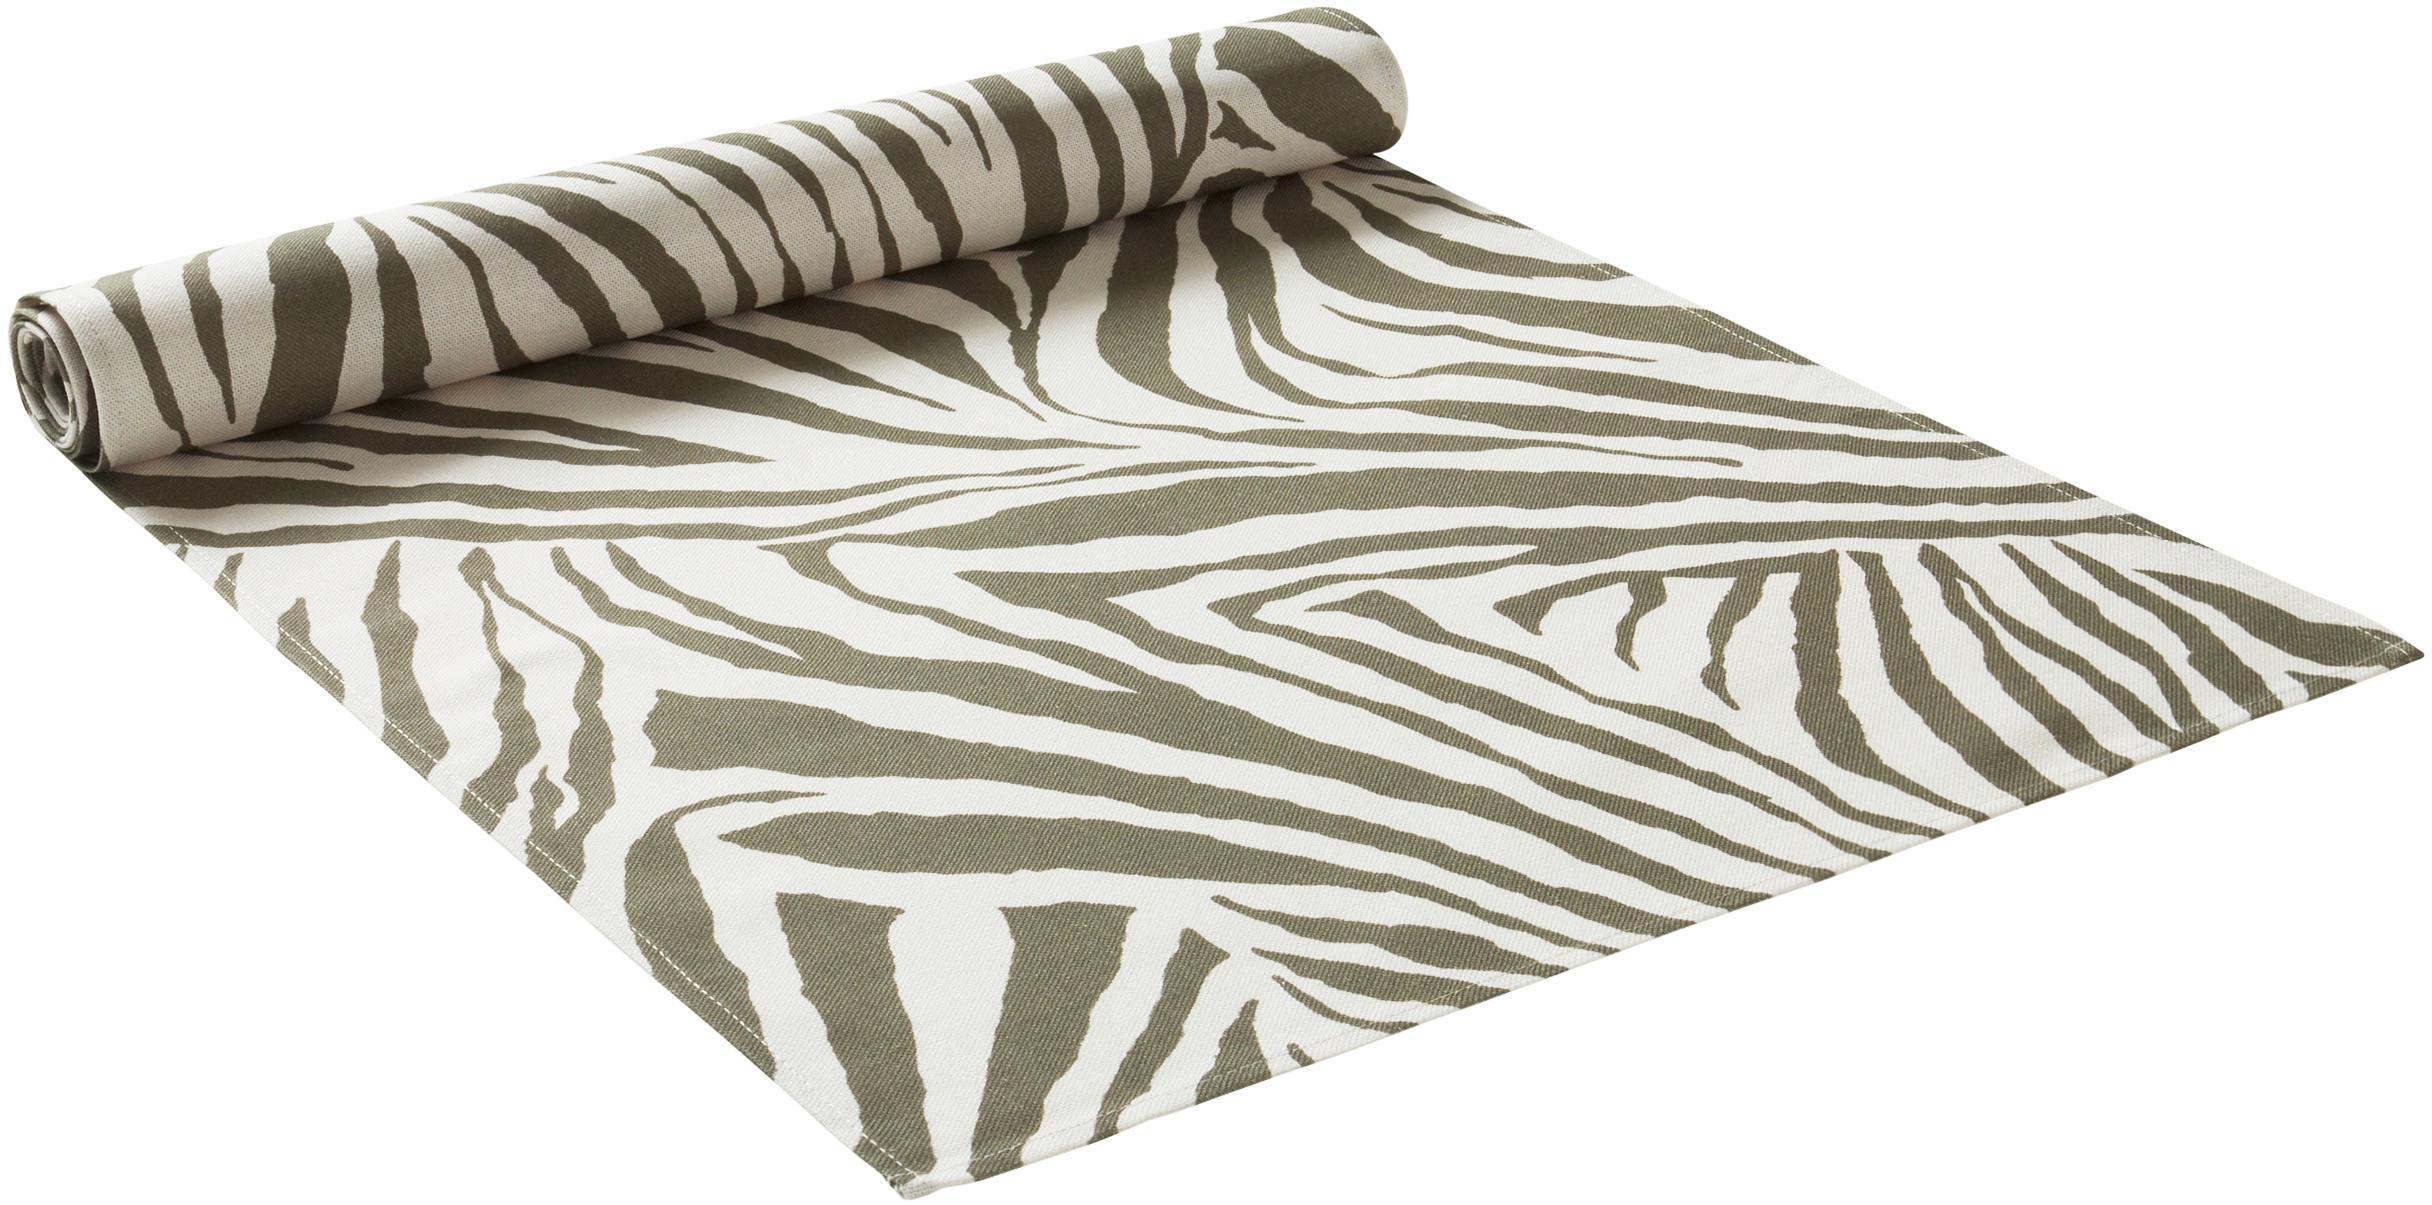 Bieżnik Zadie, 100% bawełna pochodząca ze zrównoważonych upraw, Oliwkowy zielony, kremowobiały, D 40 x S 140 cm